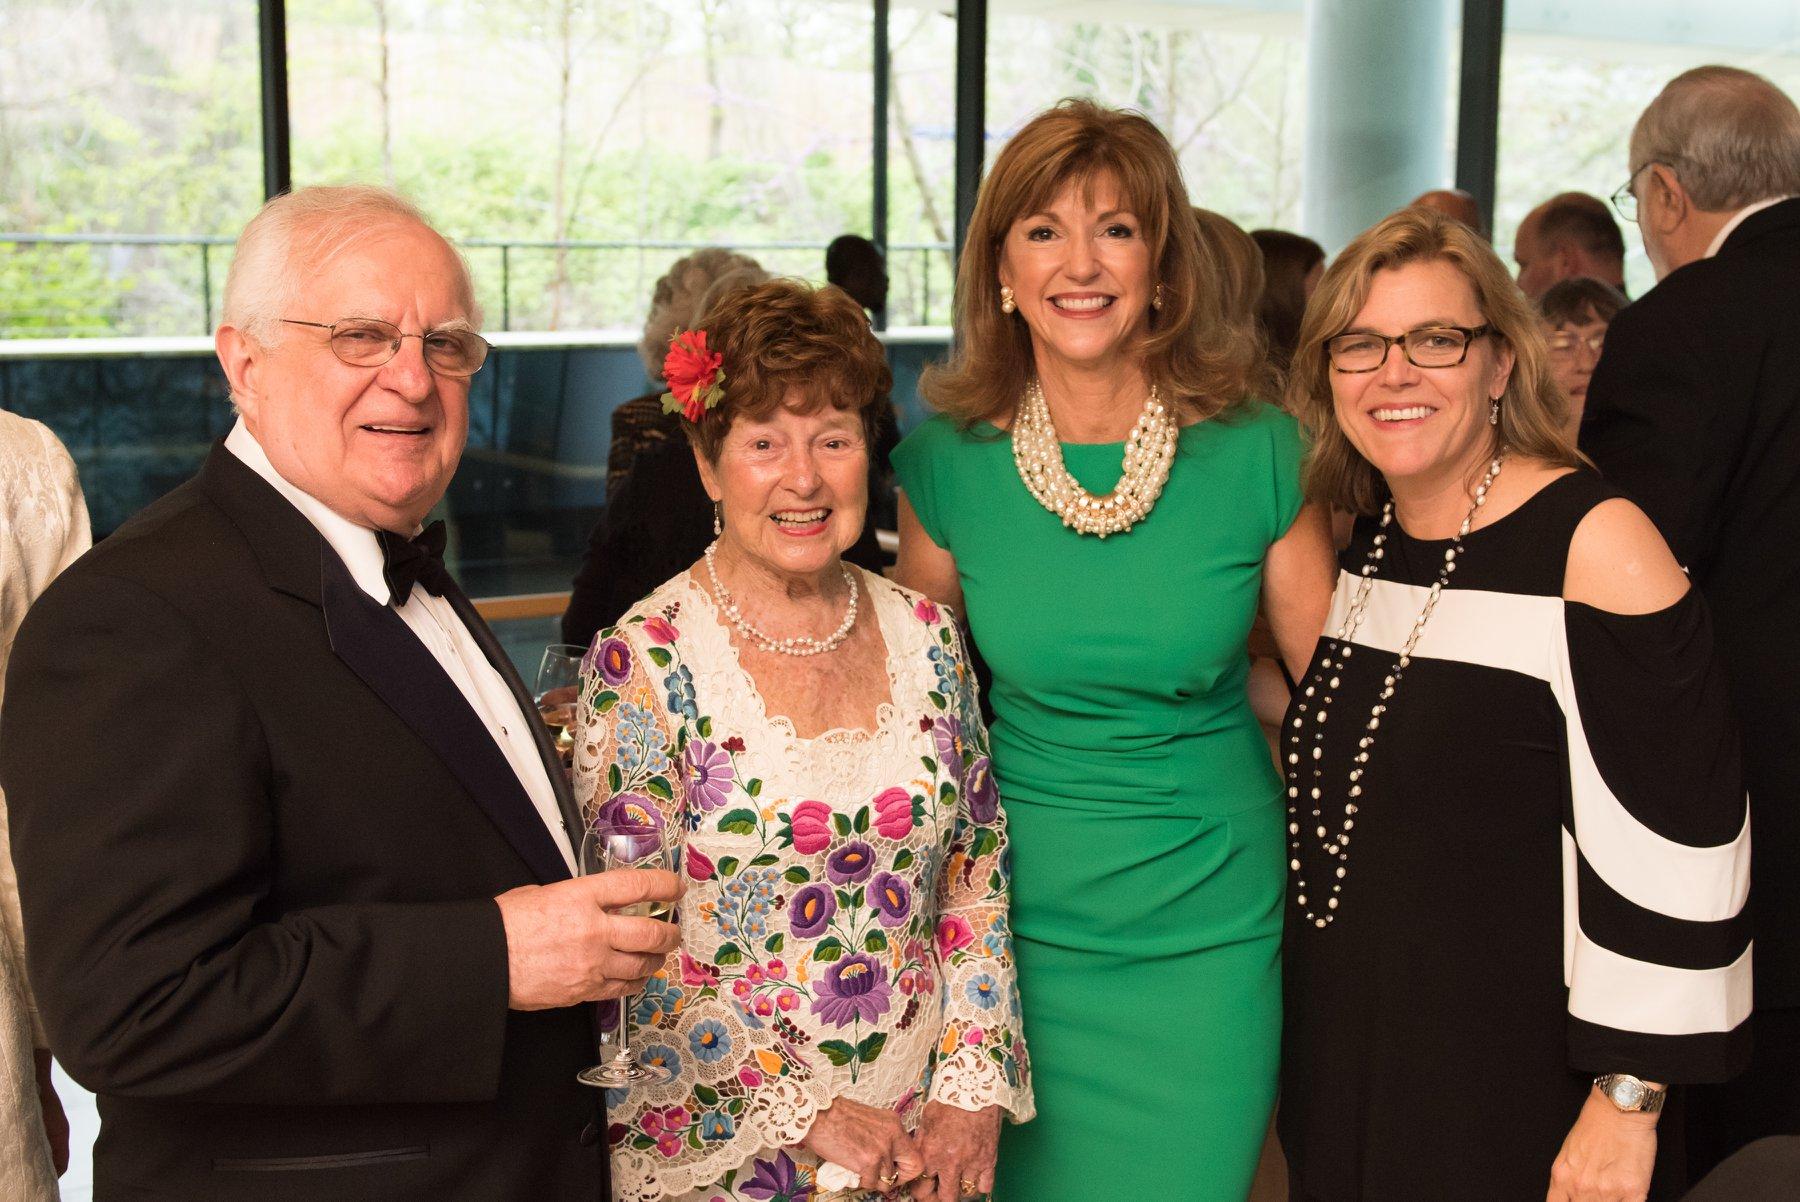 Zsolt Szekeres, Dr. Jenny Brown, Susan Hutchison, HAC President Andrea Lauer Rice